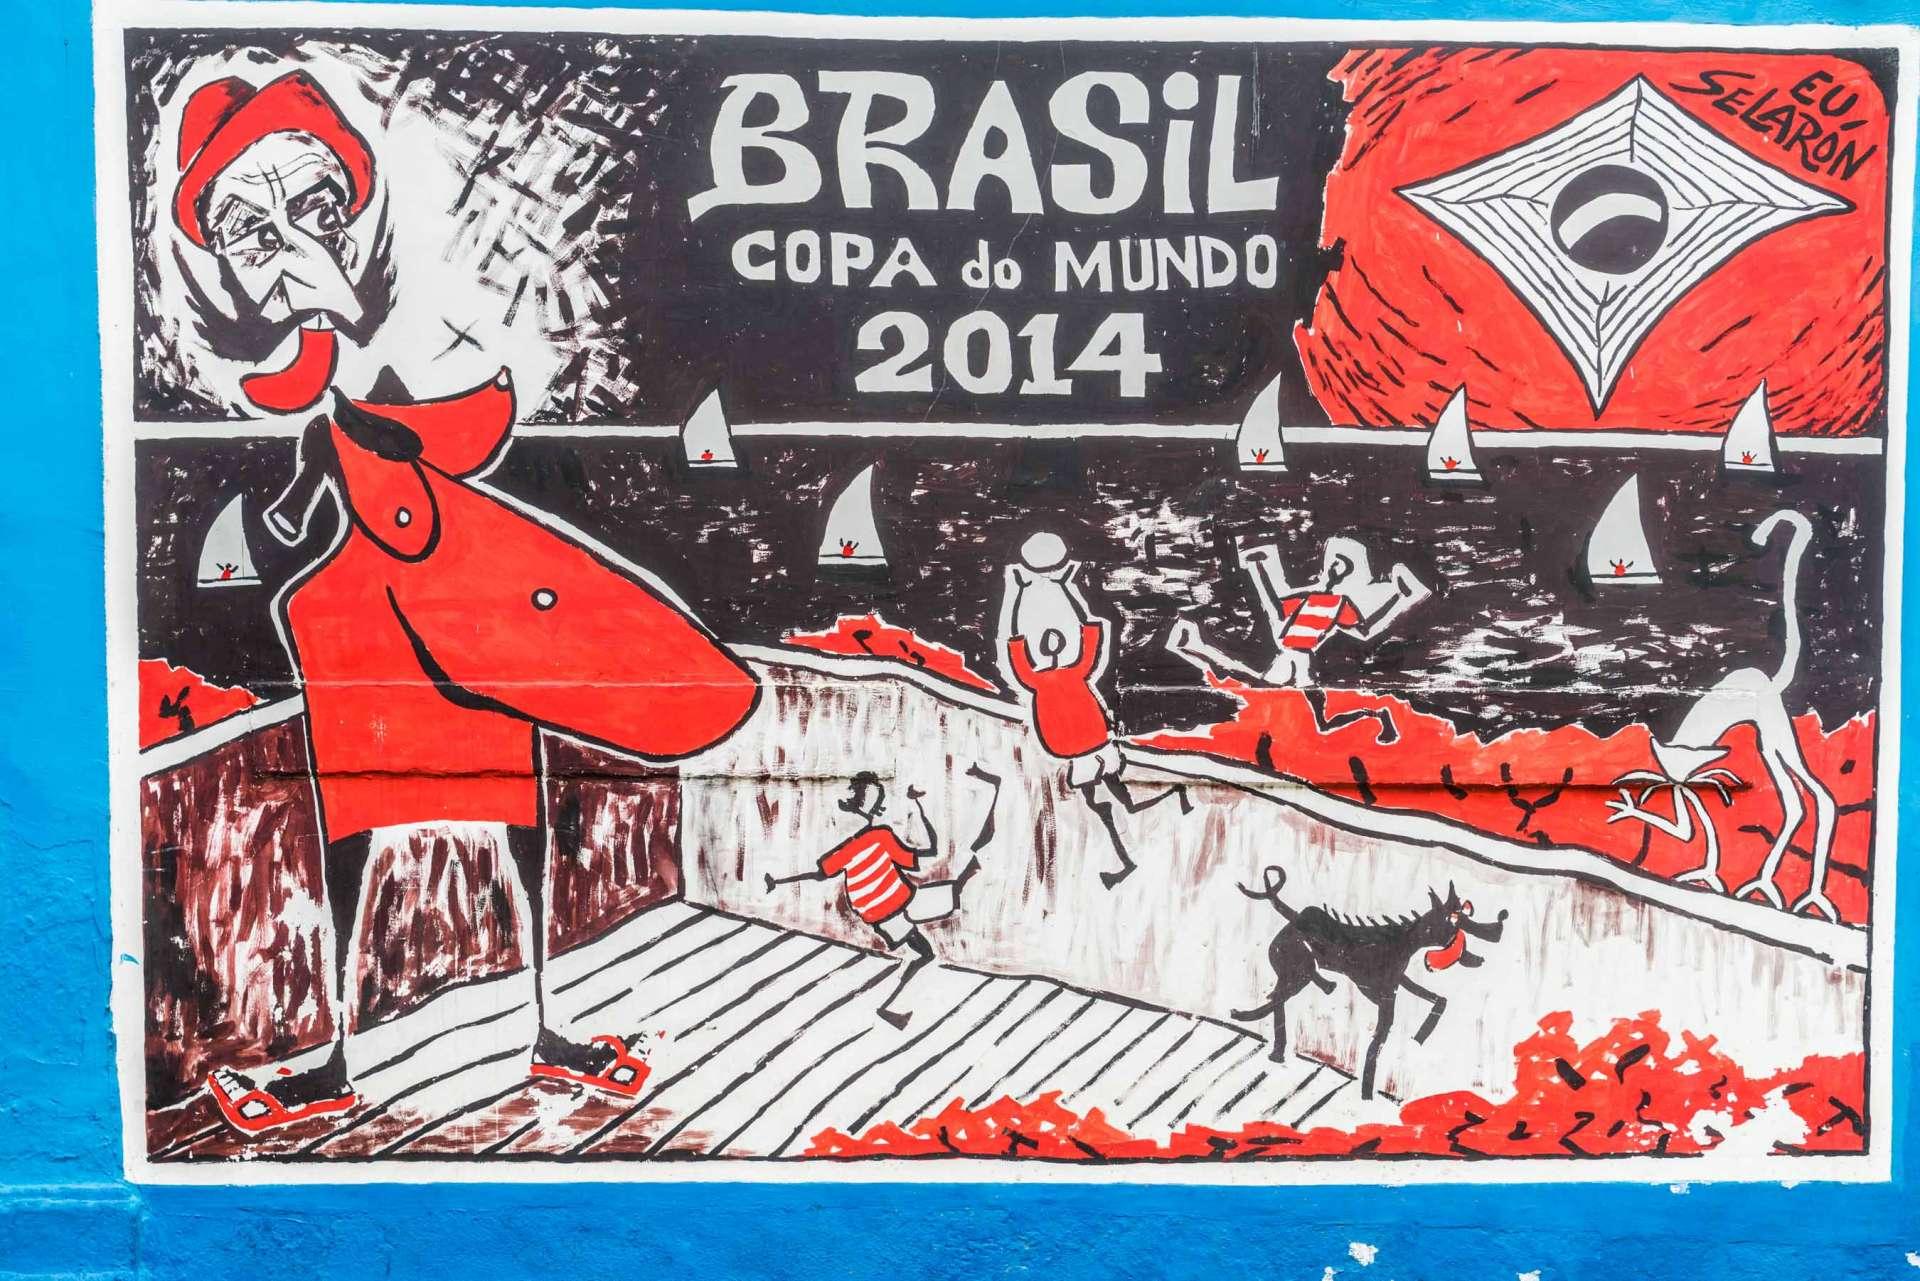 Rio de Janeiro Pescart Enrico Pescantini Escadaria Selaron wall art 2